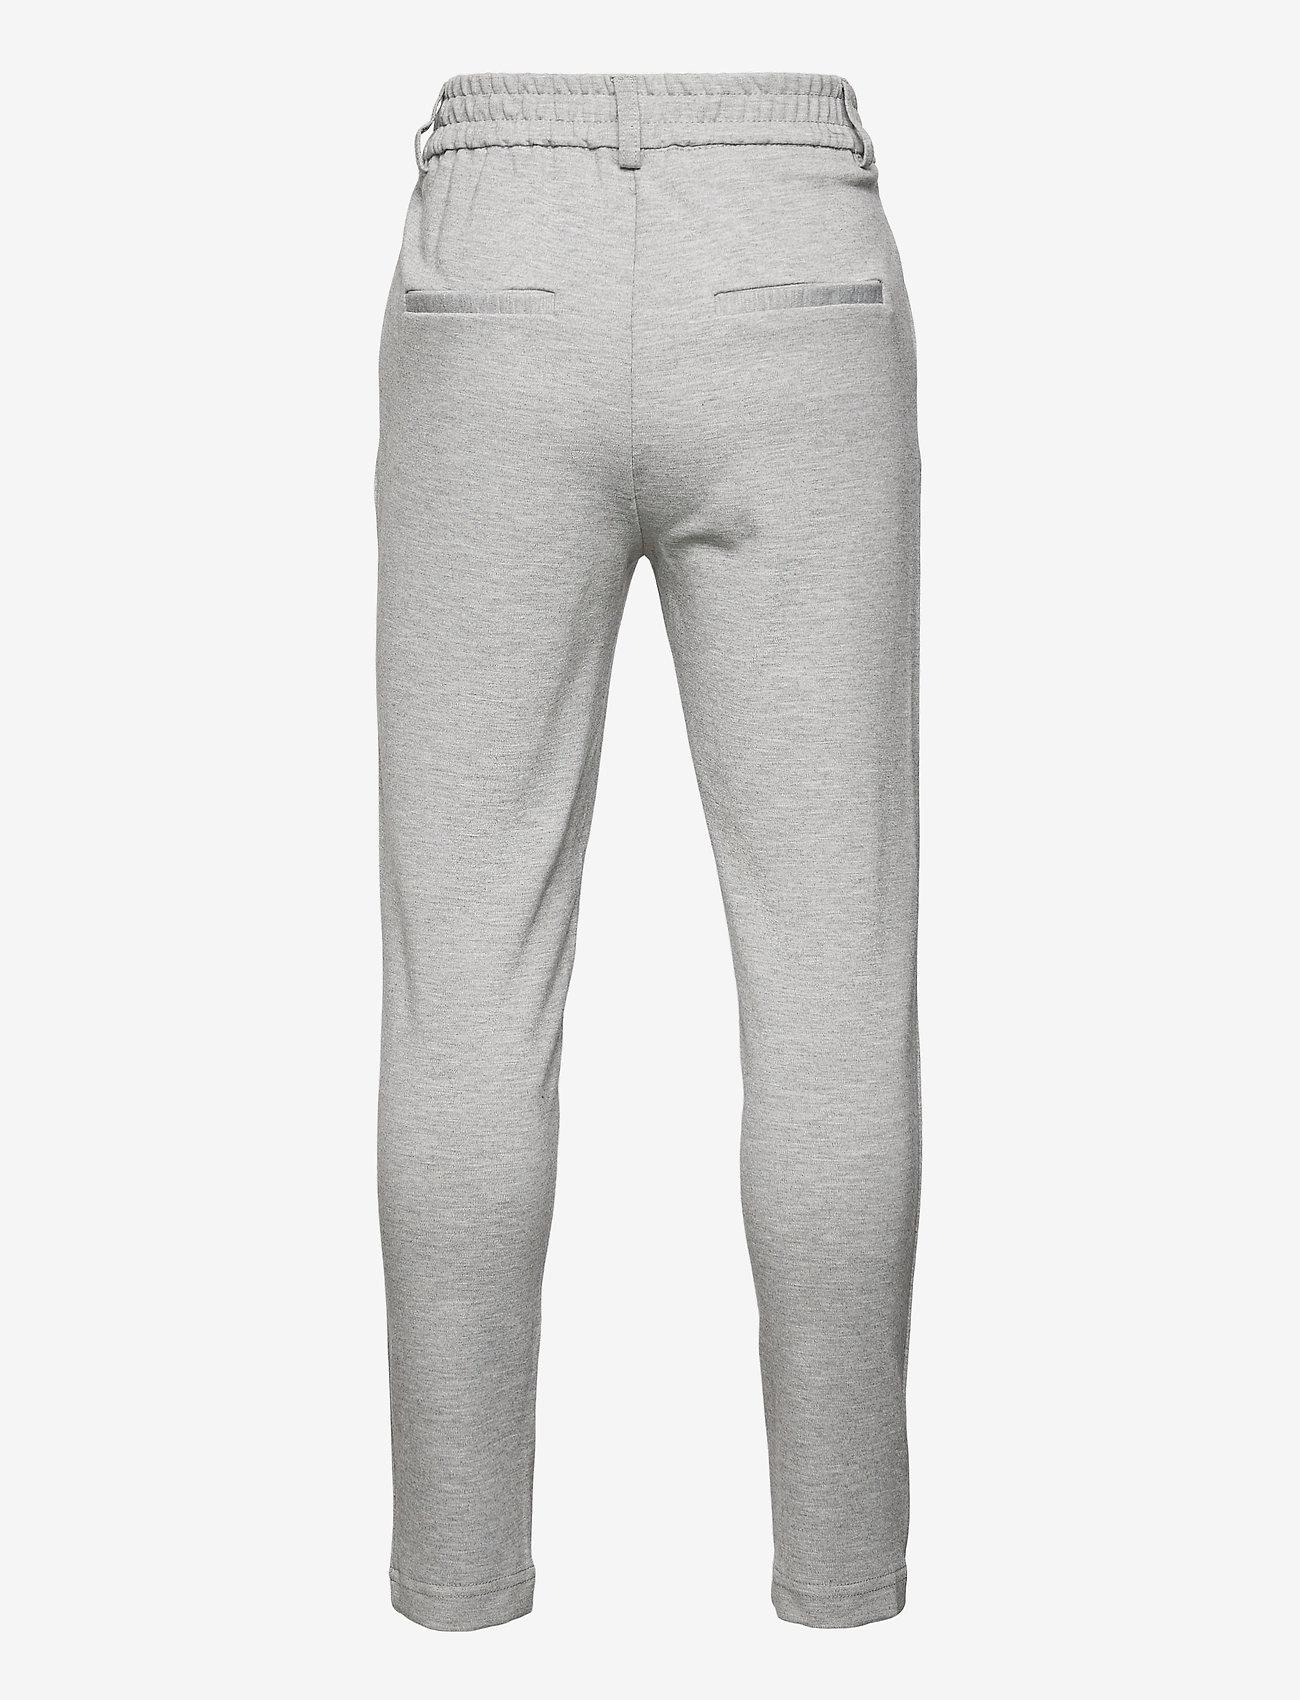 Kids Only - KONPOPTRASH EASY PANT PNT NOOS - jogginghosen - light grey melange - 1